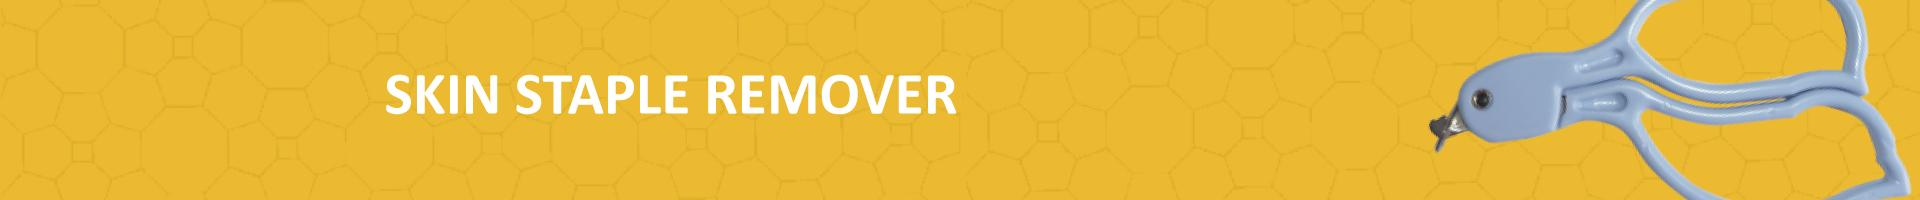 banner-skin-staple-remover